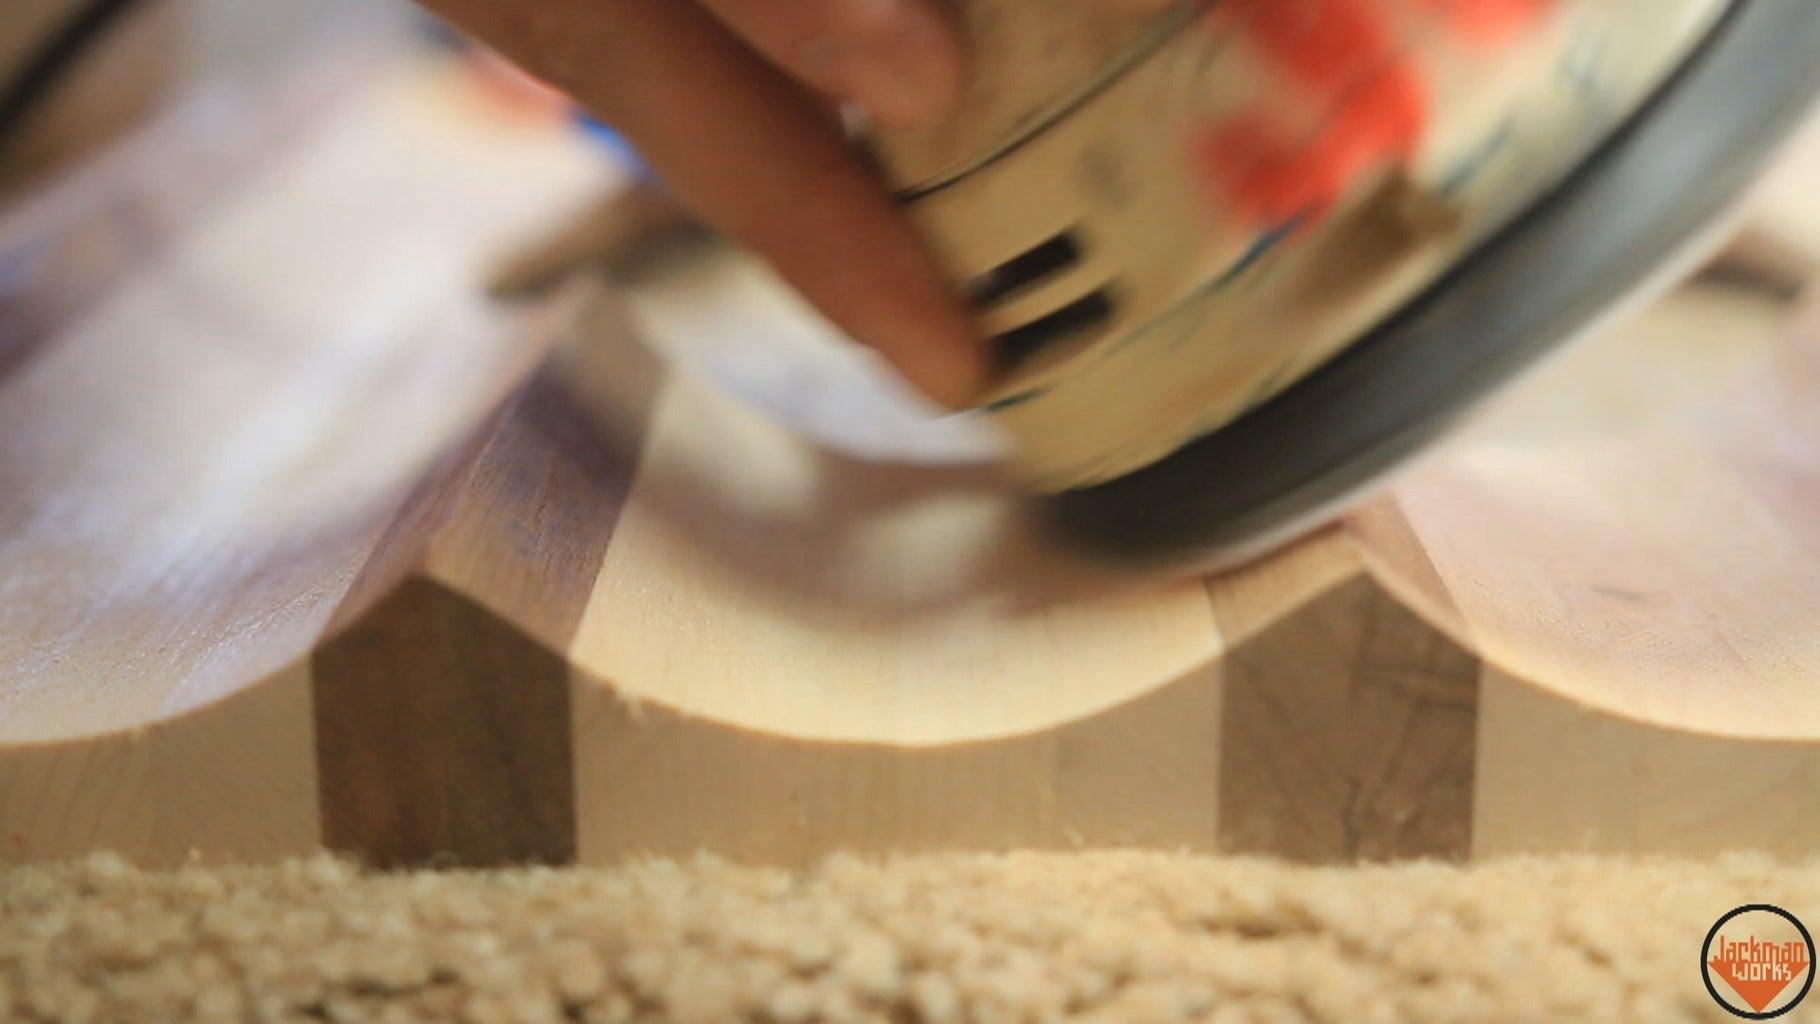 Final Sanding, Branding, & Finishing